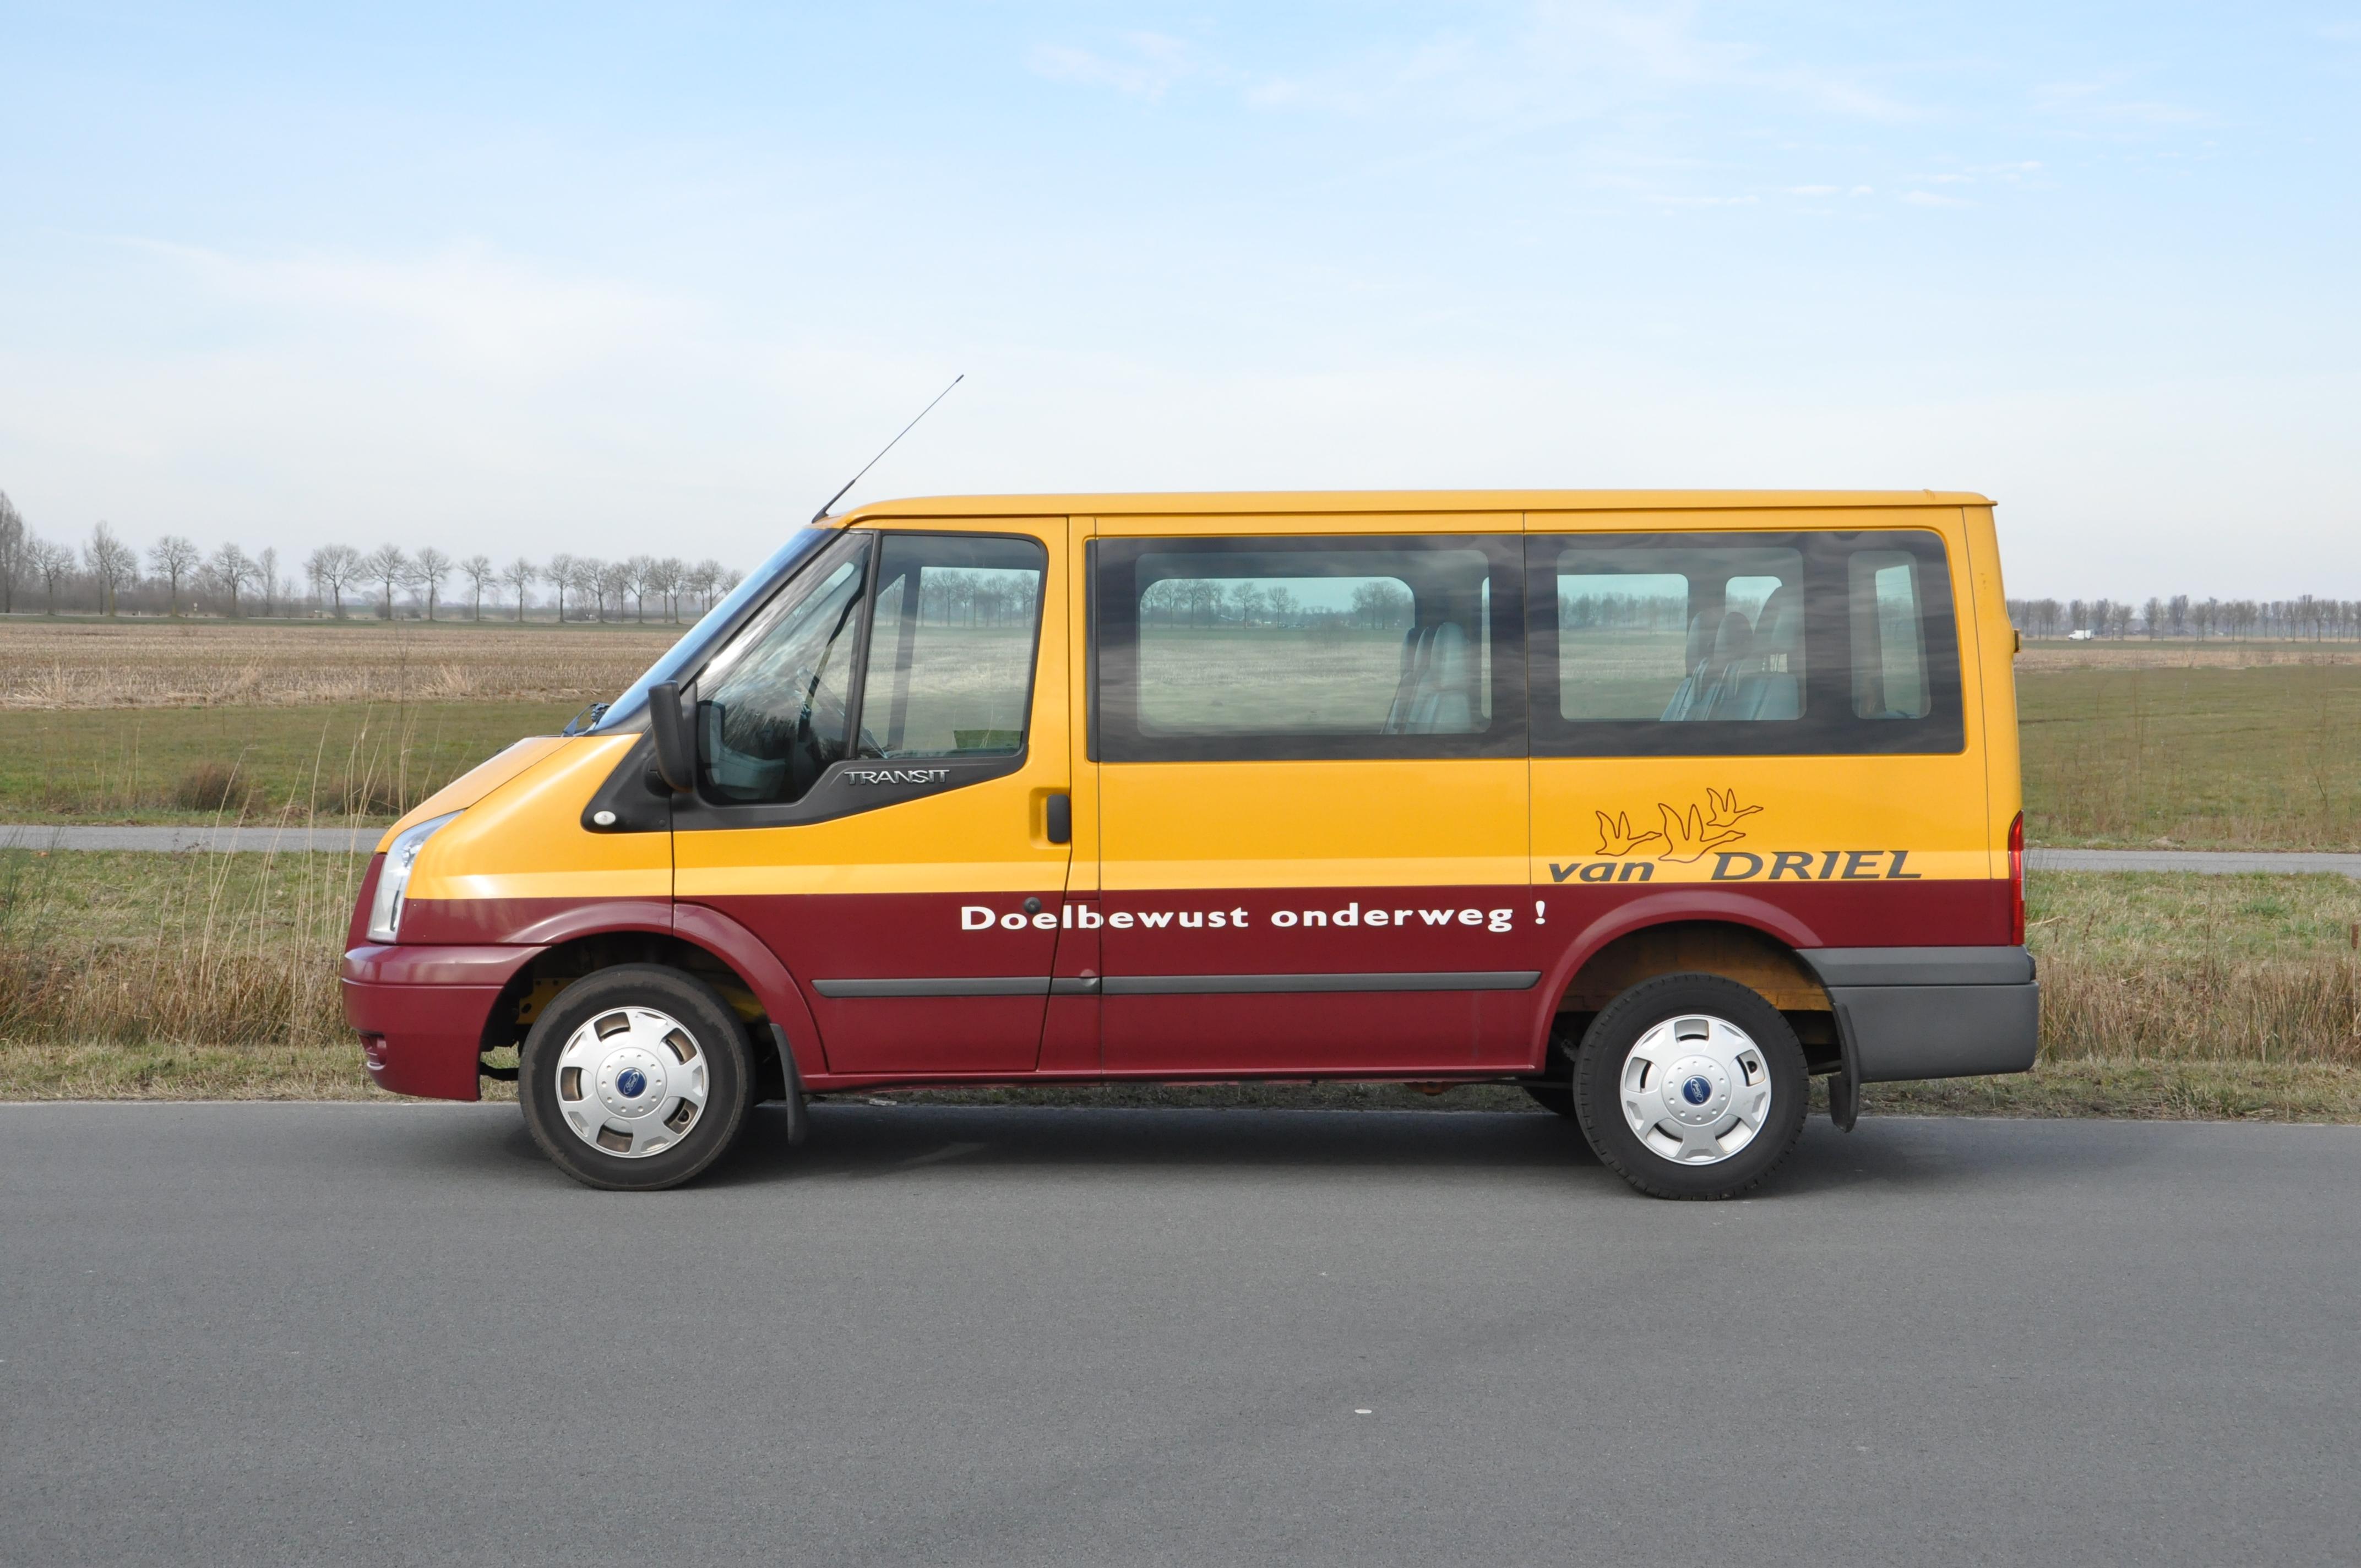 Van-driel-busje-geel